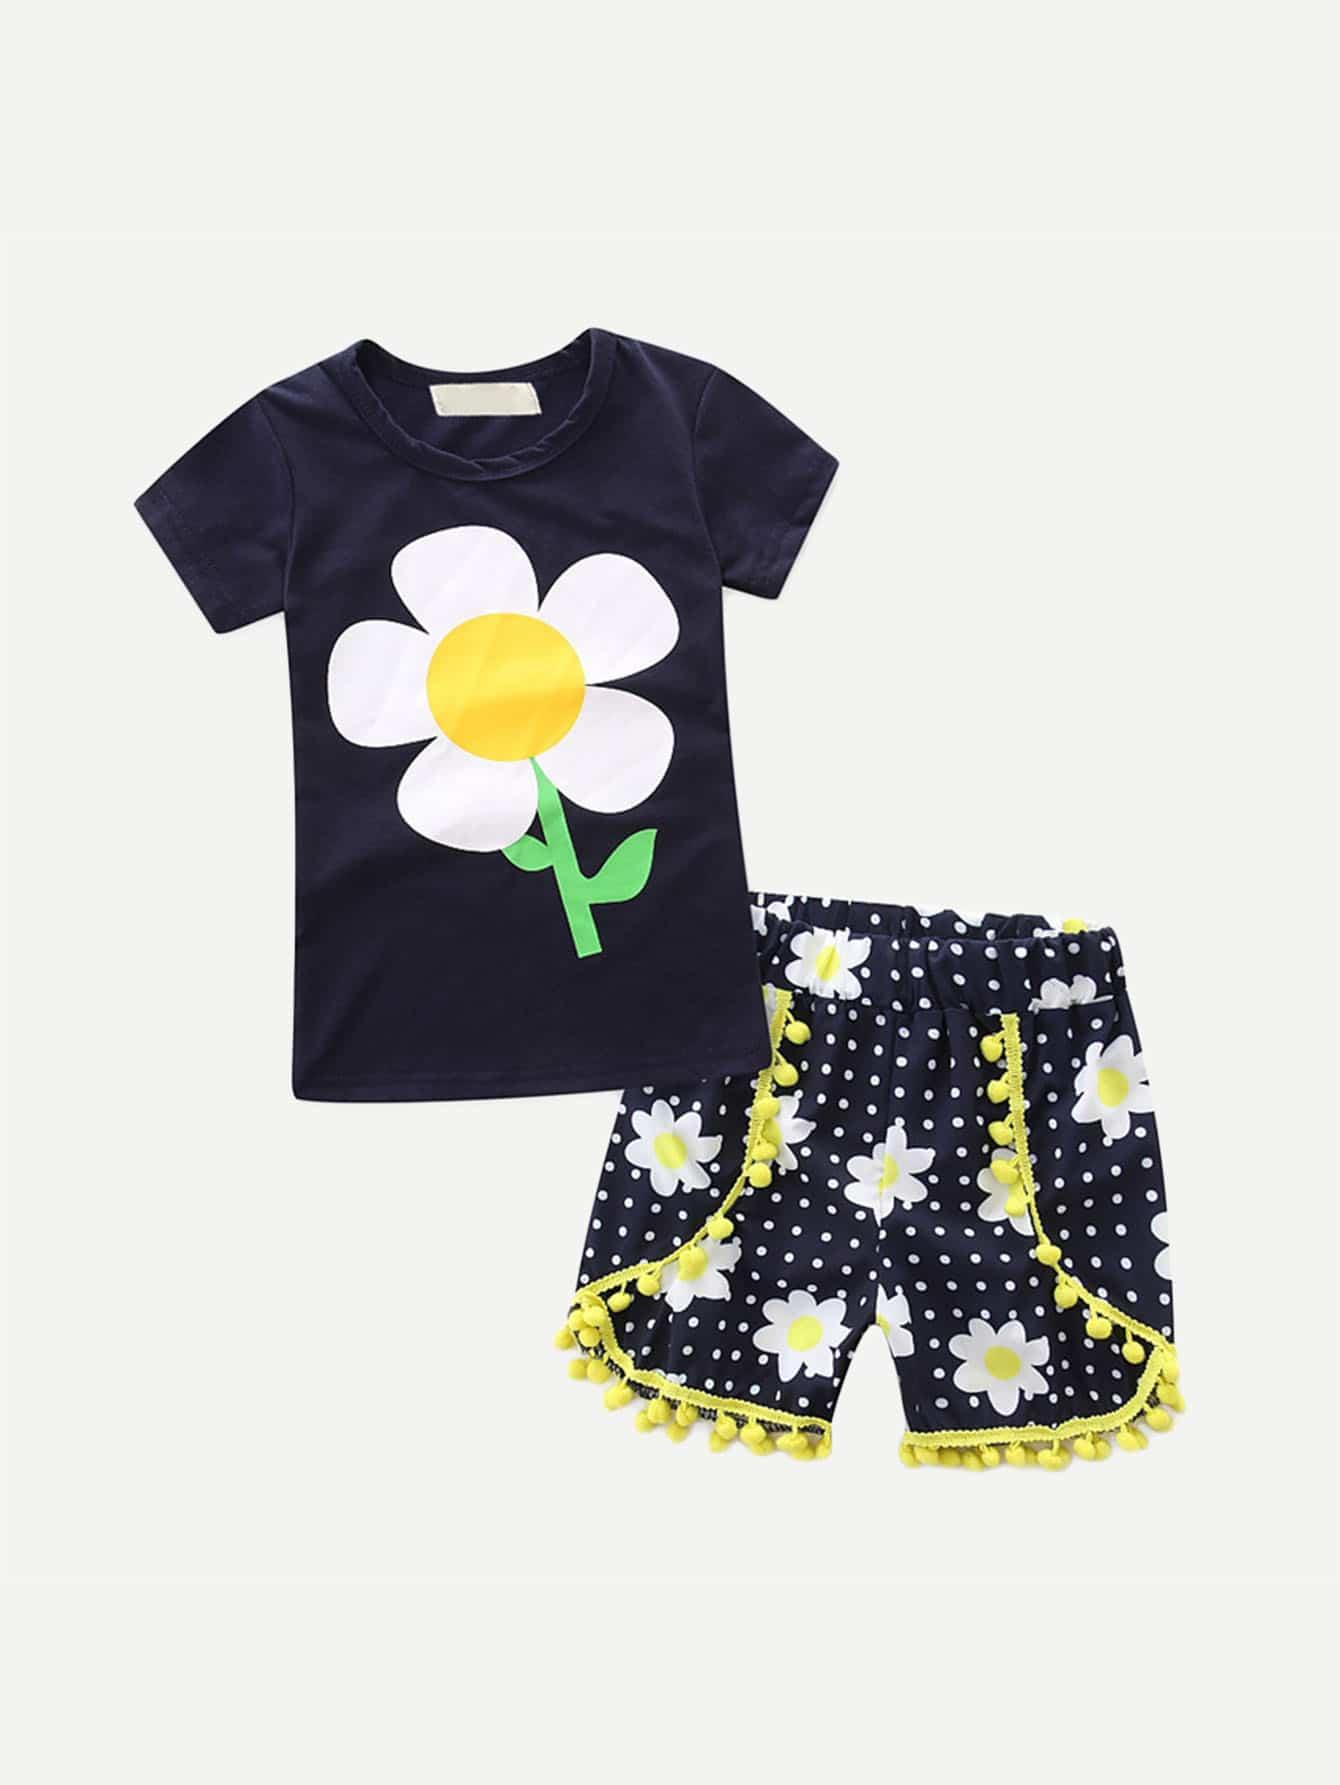 Купить Ткани для детей с цветной печатью с шортами Polka Dot, null, SheIn